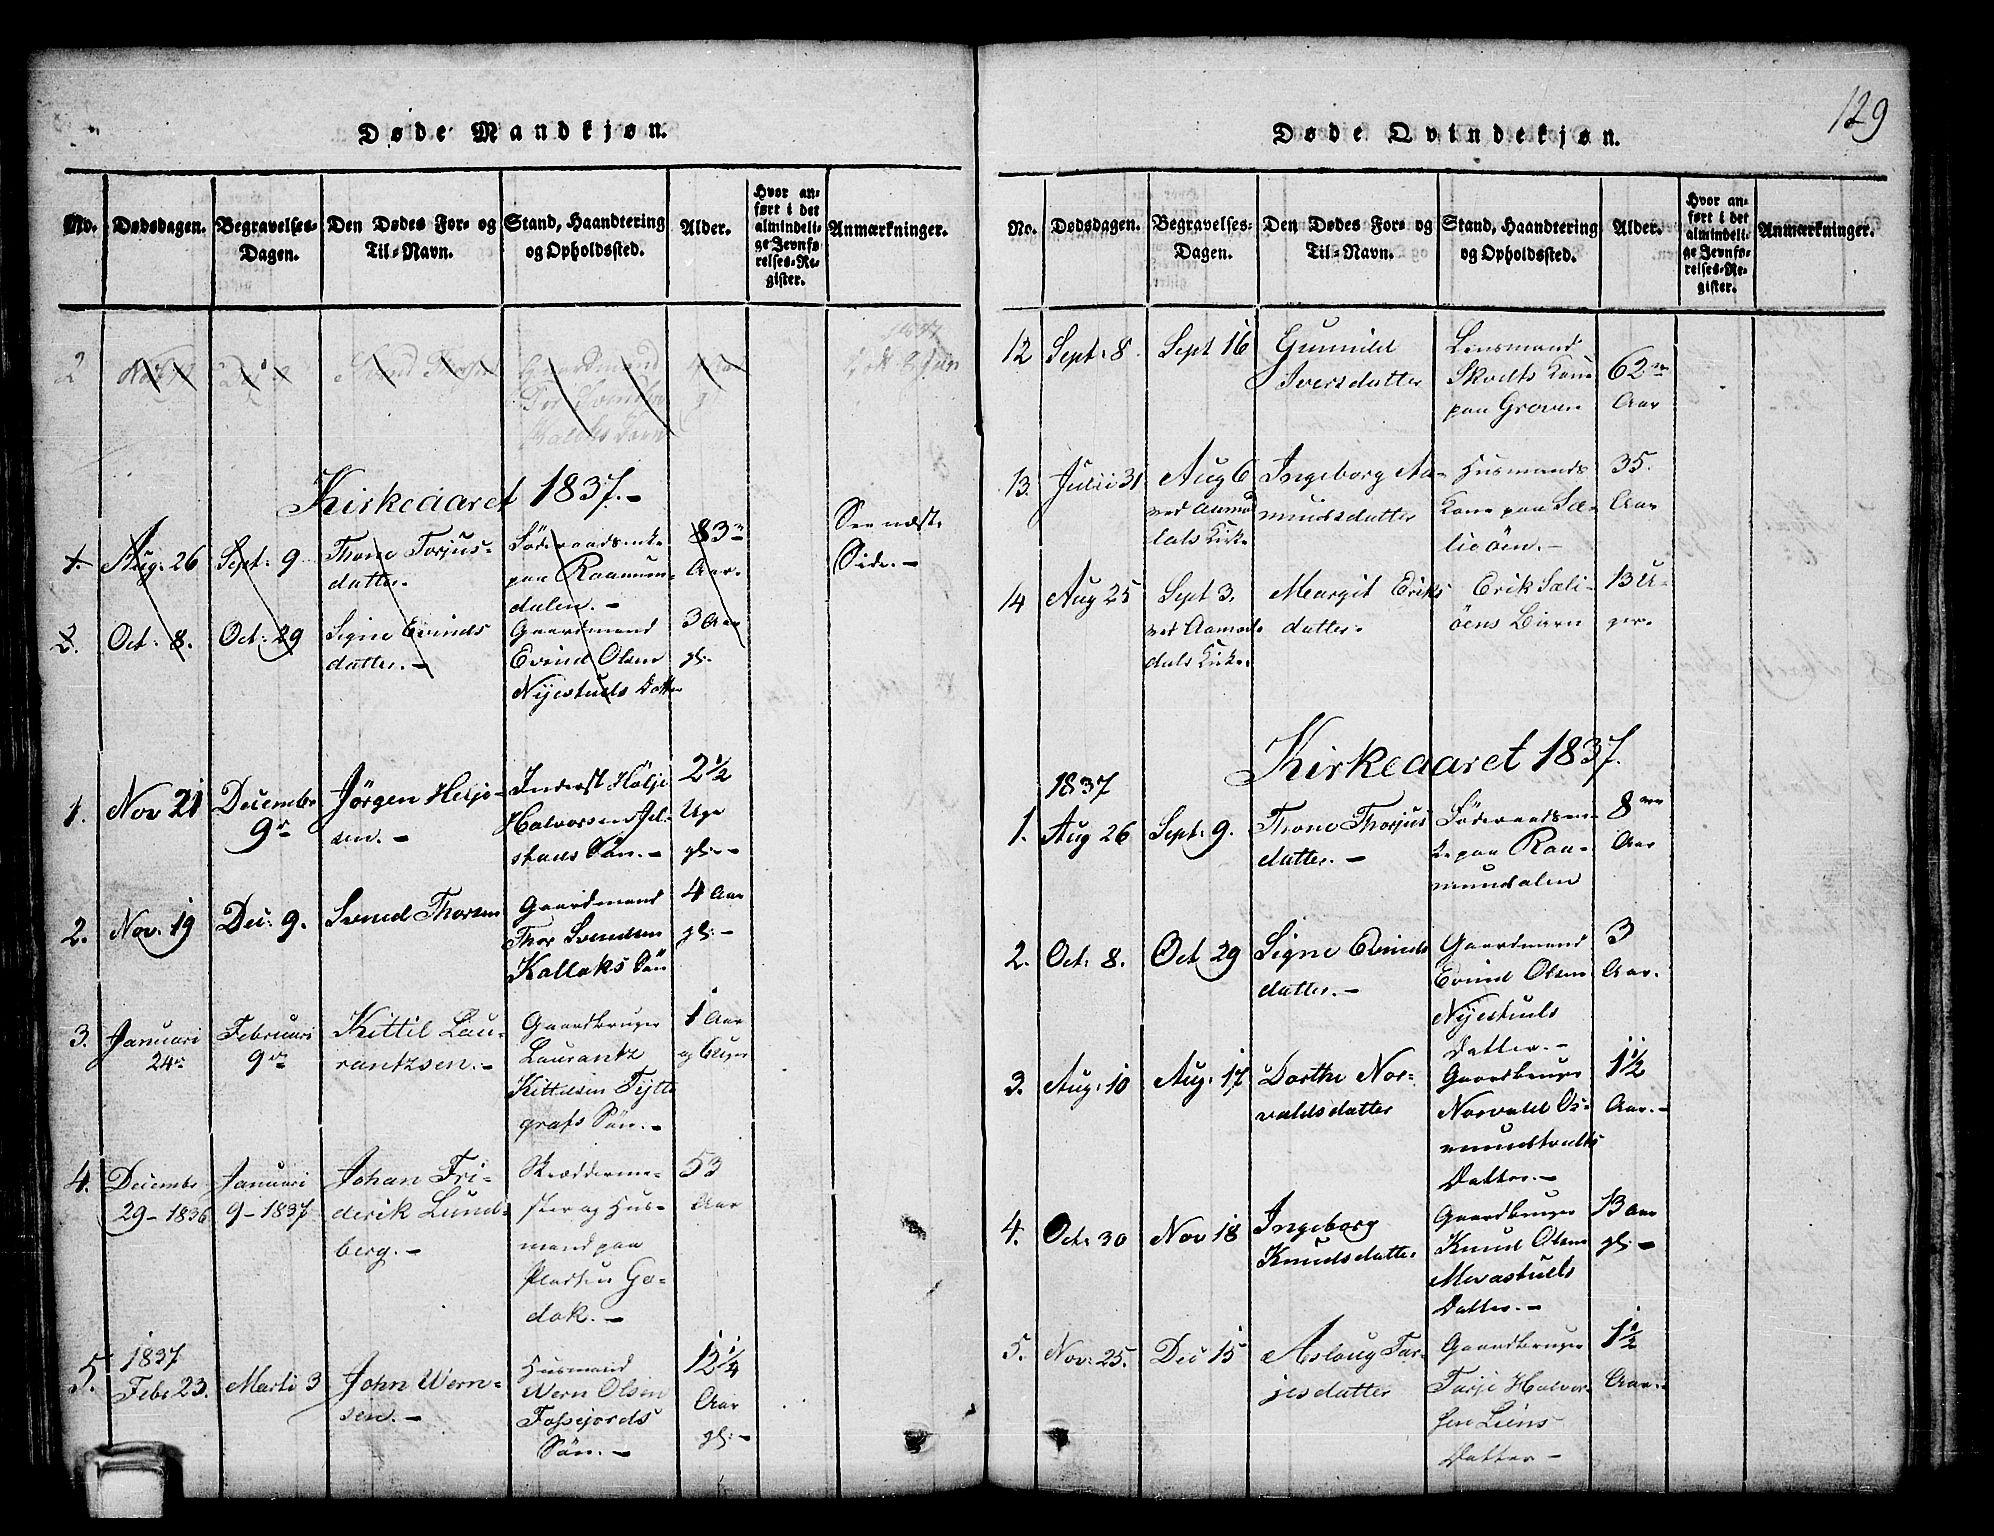 SAKO, Kviteseid kirkebøker, G/Gb/L0001: Klokkerbok nr. II 1, 1815-1842, s. 129